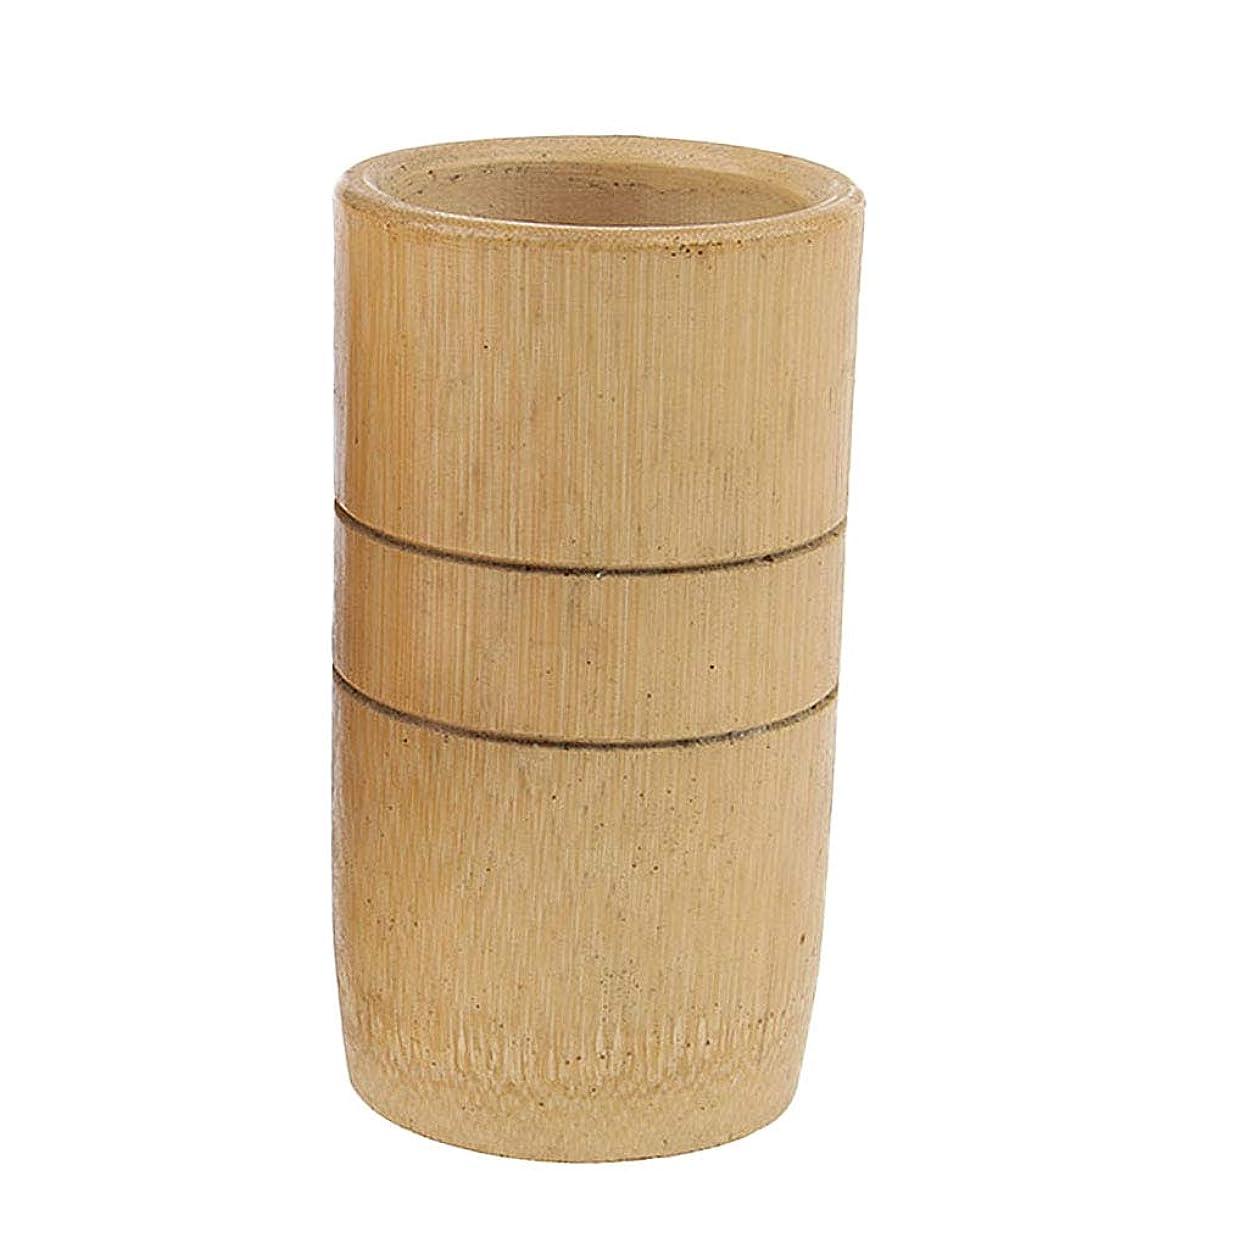 有効ぞっとするようなあたりマッサージカップ 吸い玉 カッピング 天然竹製 男女兼用 2個入